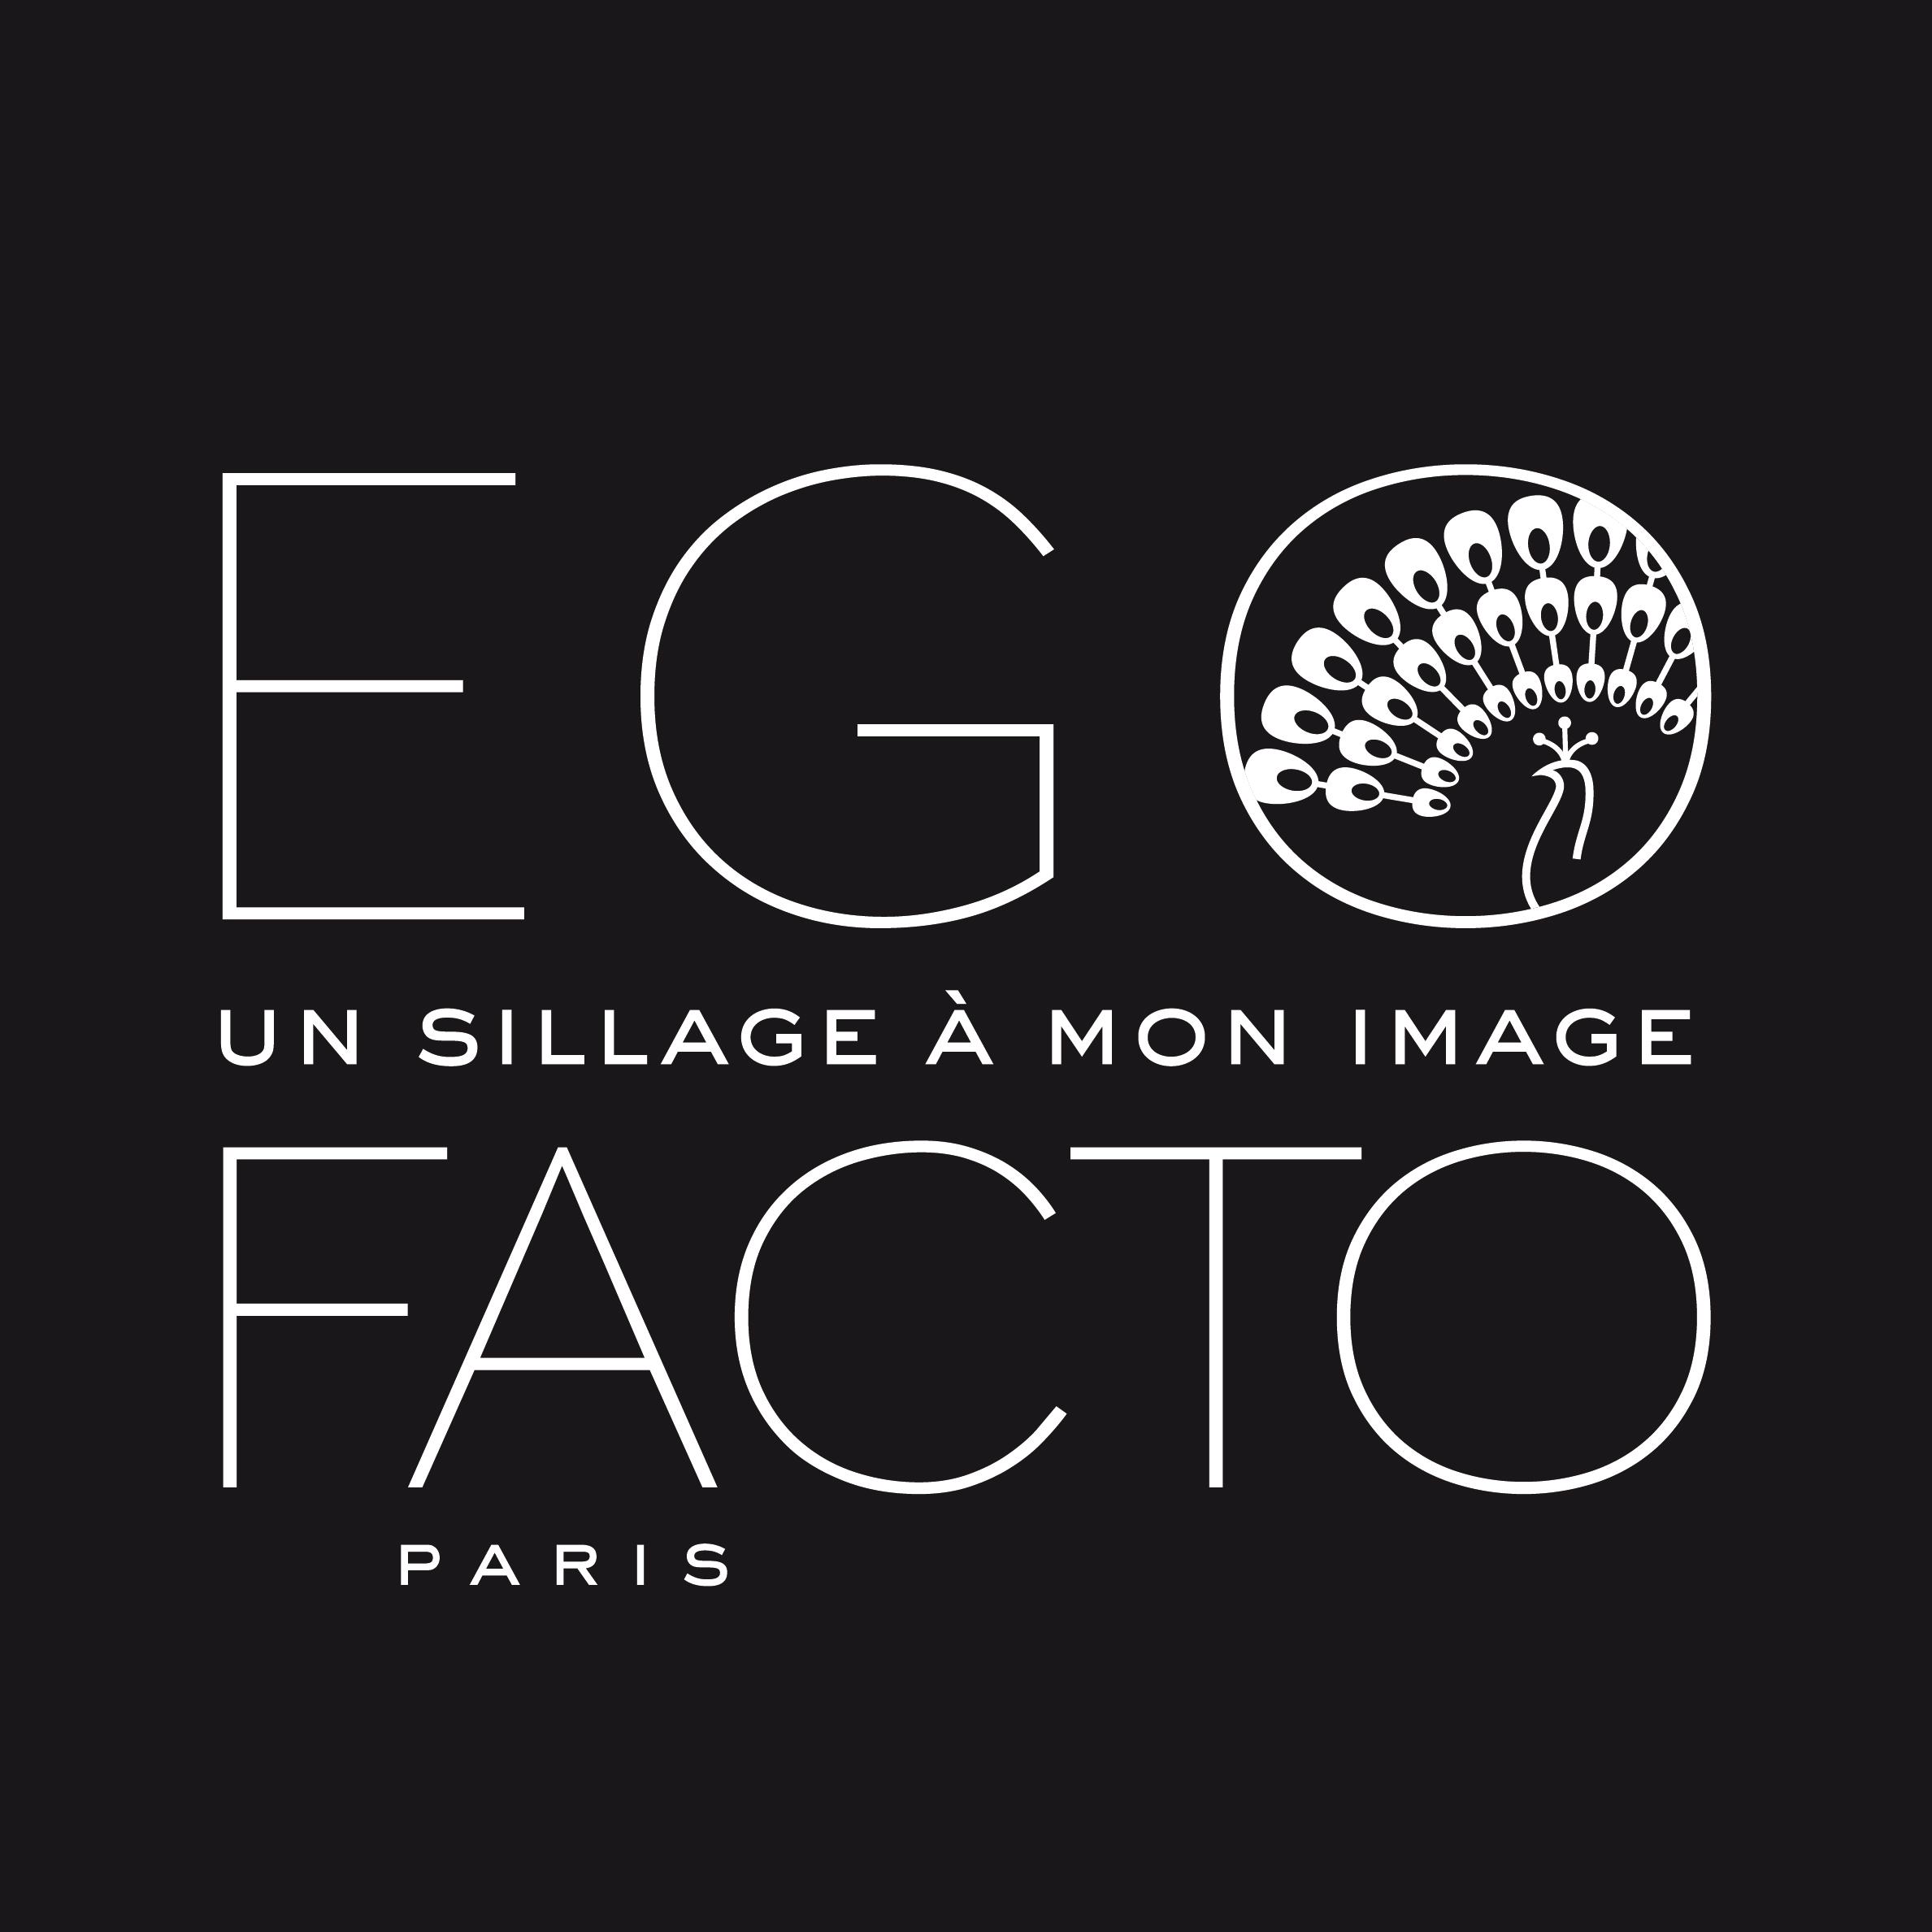 LOGO_EGO_SILLAGE_FONDNOIR